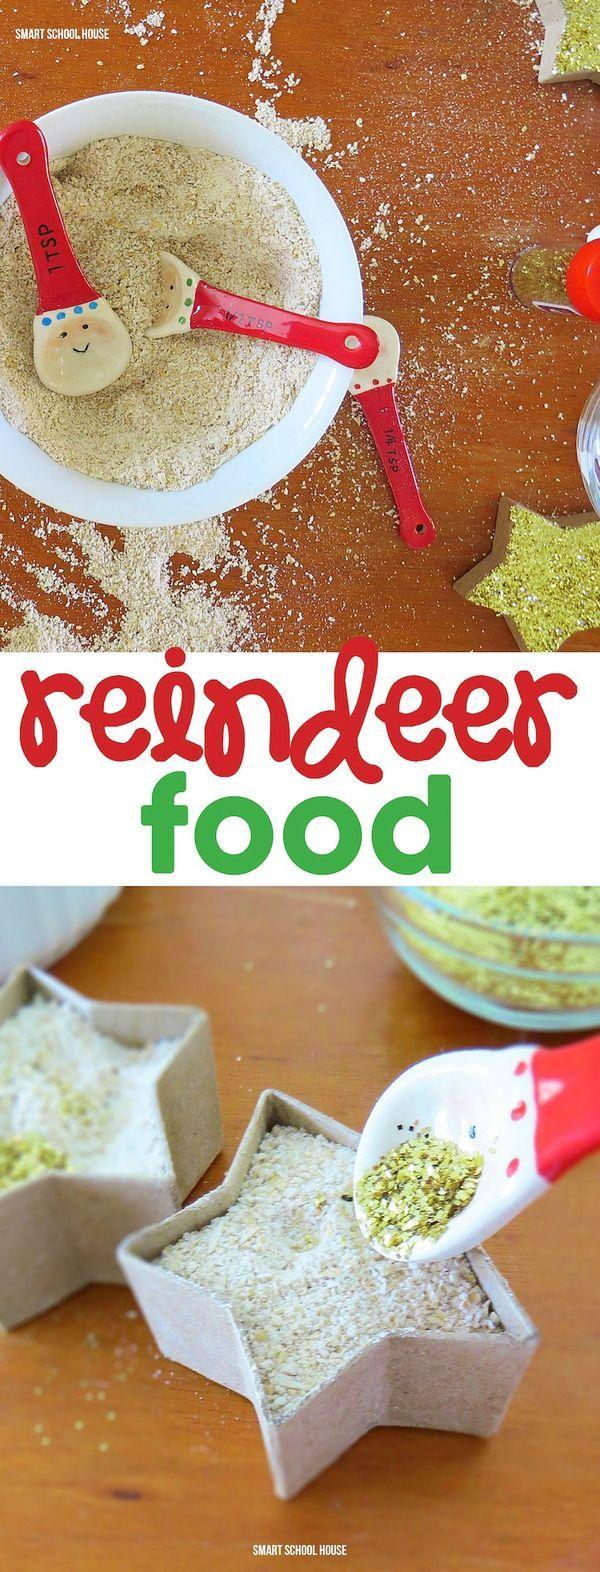 How to Make Reindeer Food | Reindeer food, Christmas eve box, Food